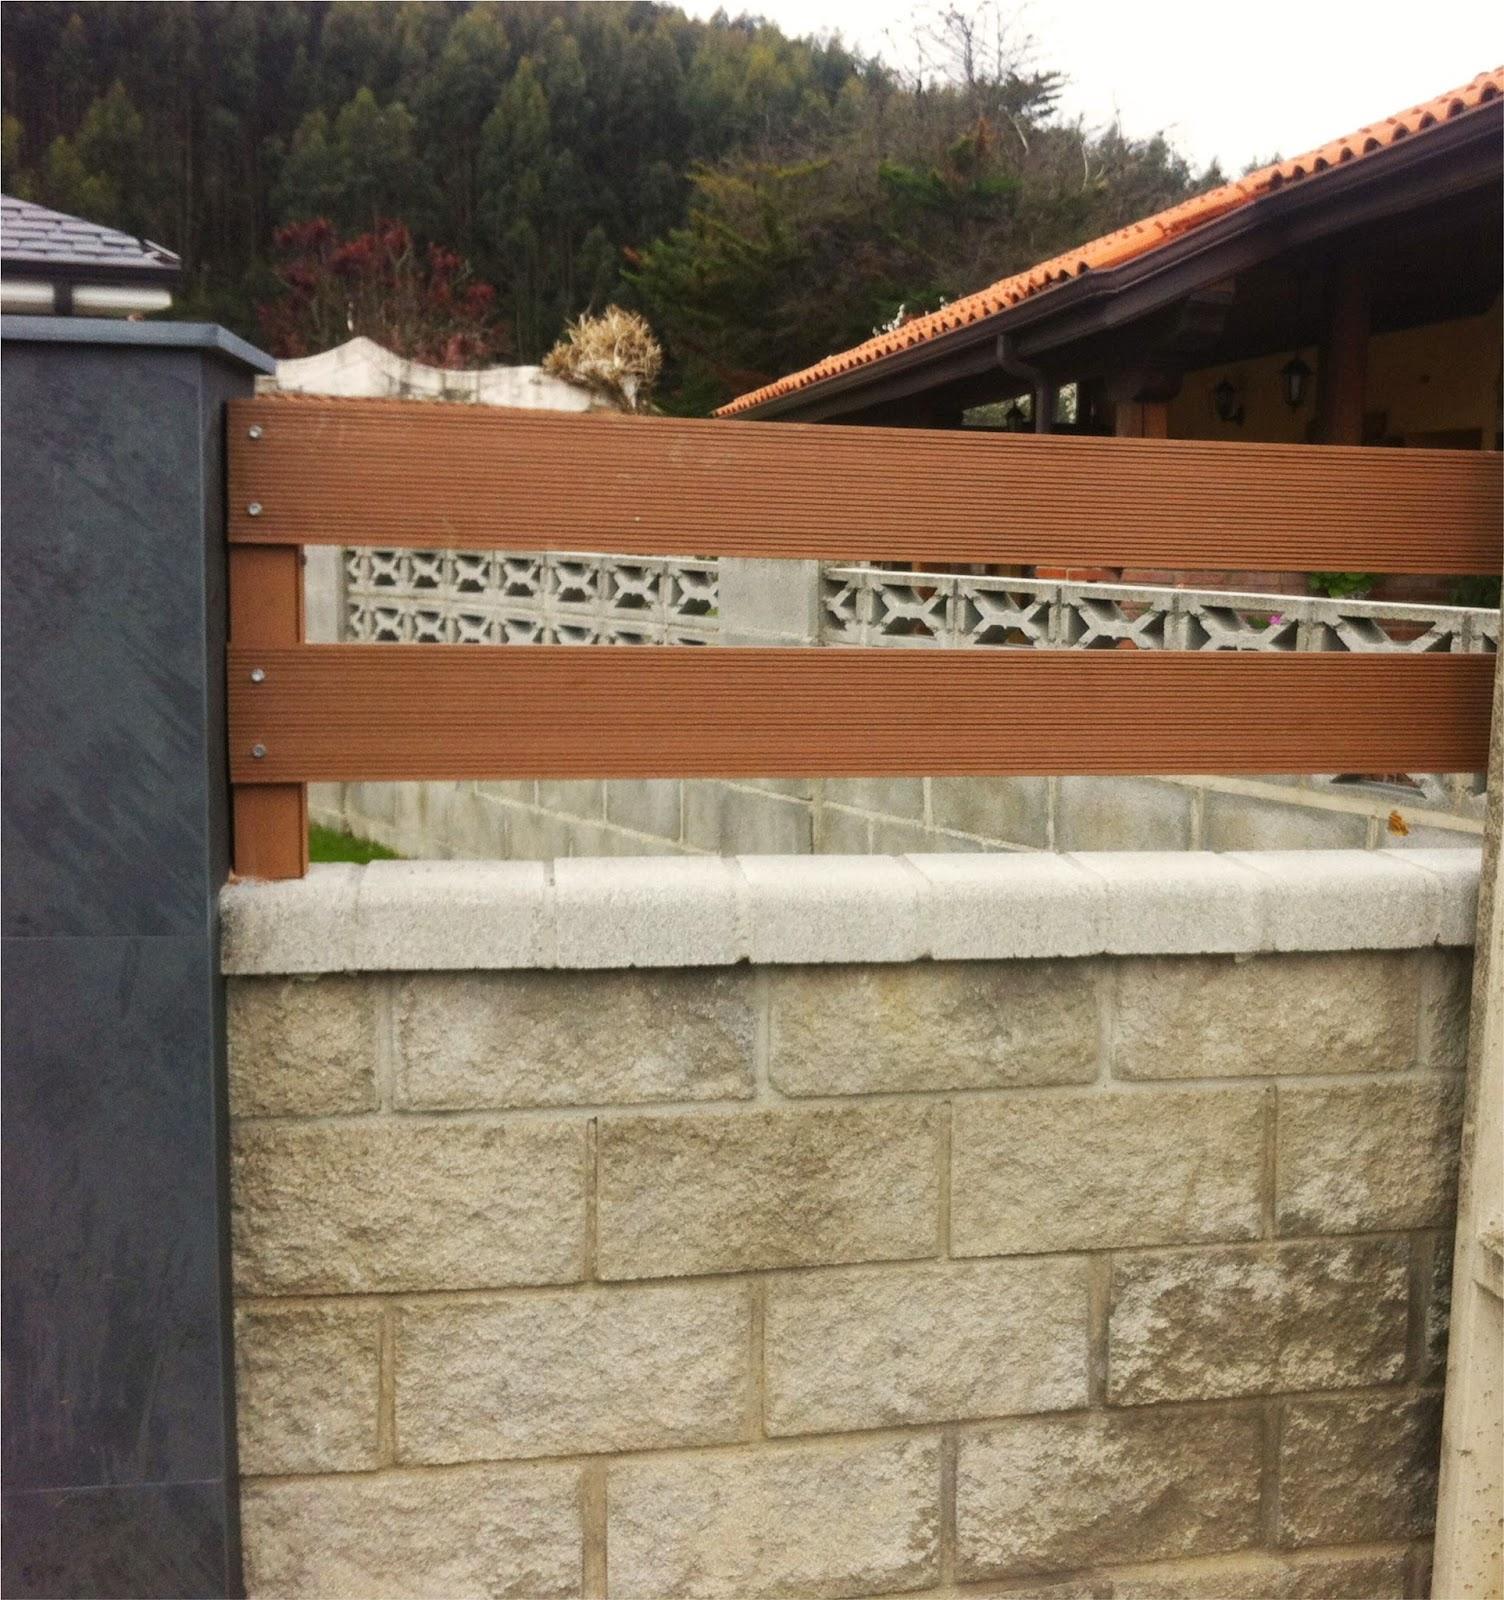 Vallas de jardin cantabria vallas imitaci n madera for Vallas de madera para jardin